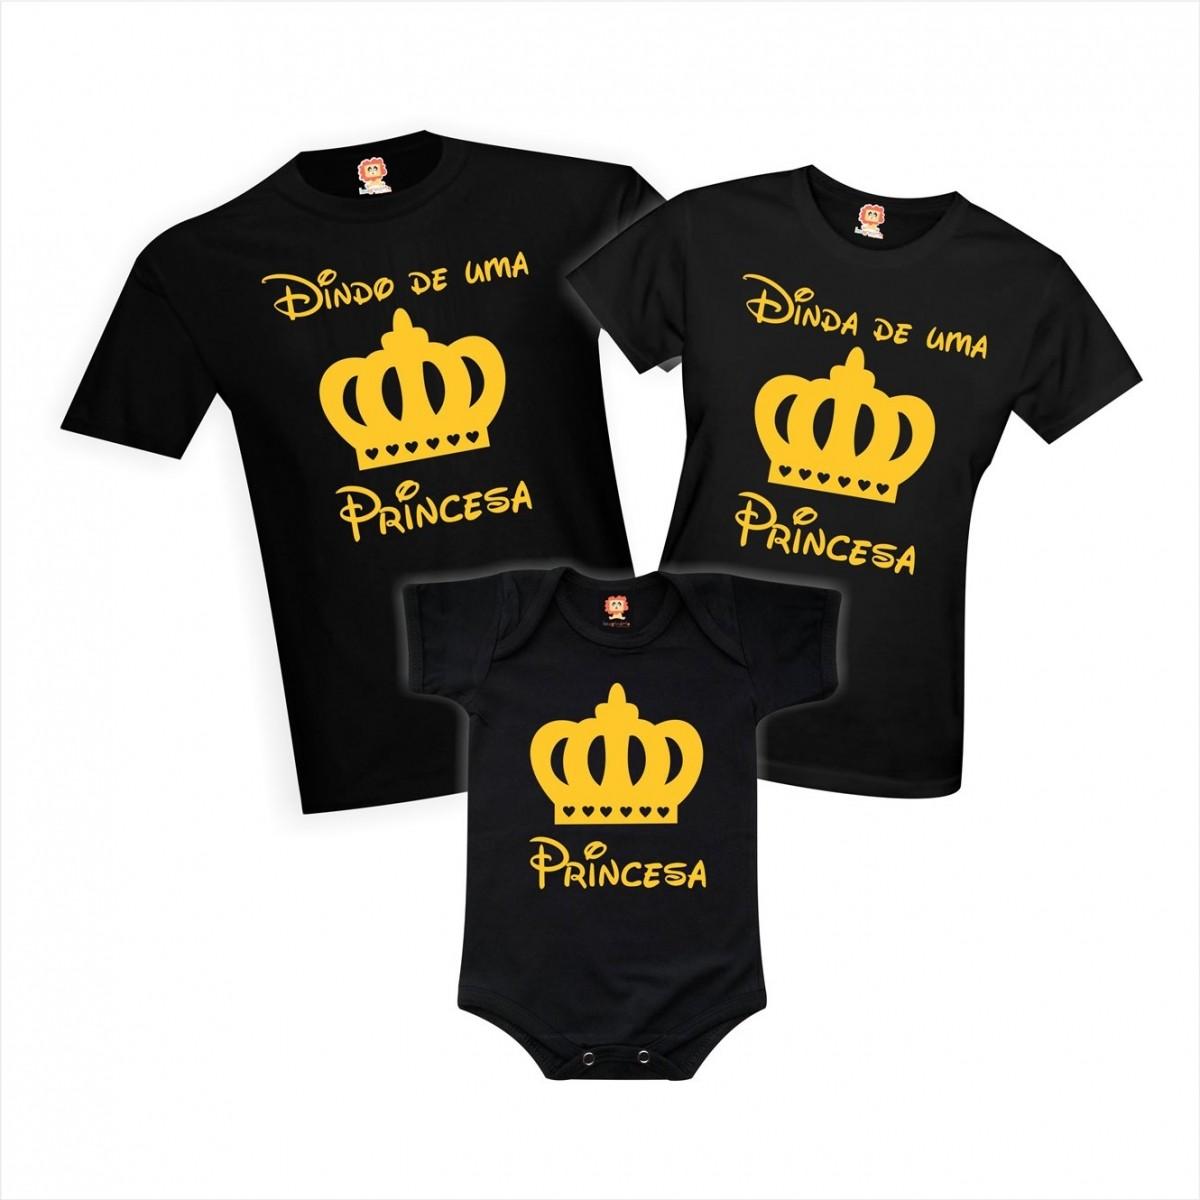 Kit Camisetas Dindos de Príncipe ou Princesa